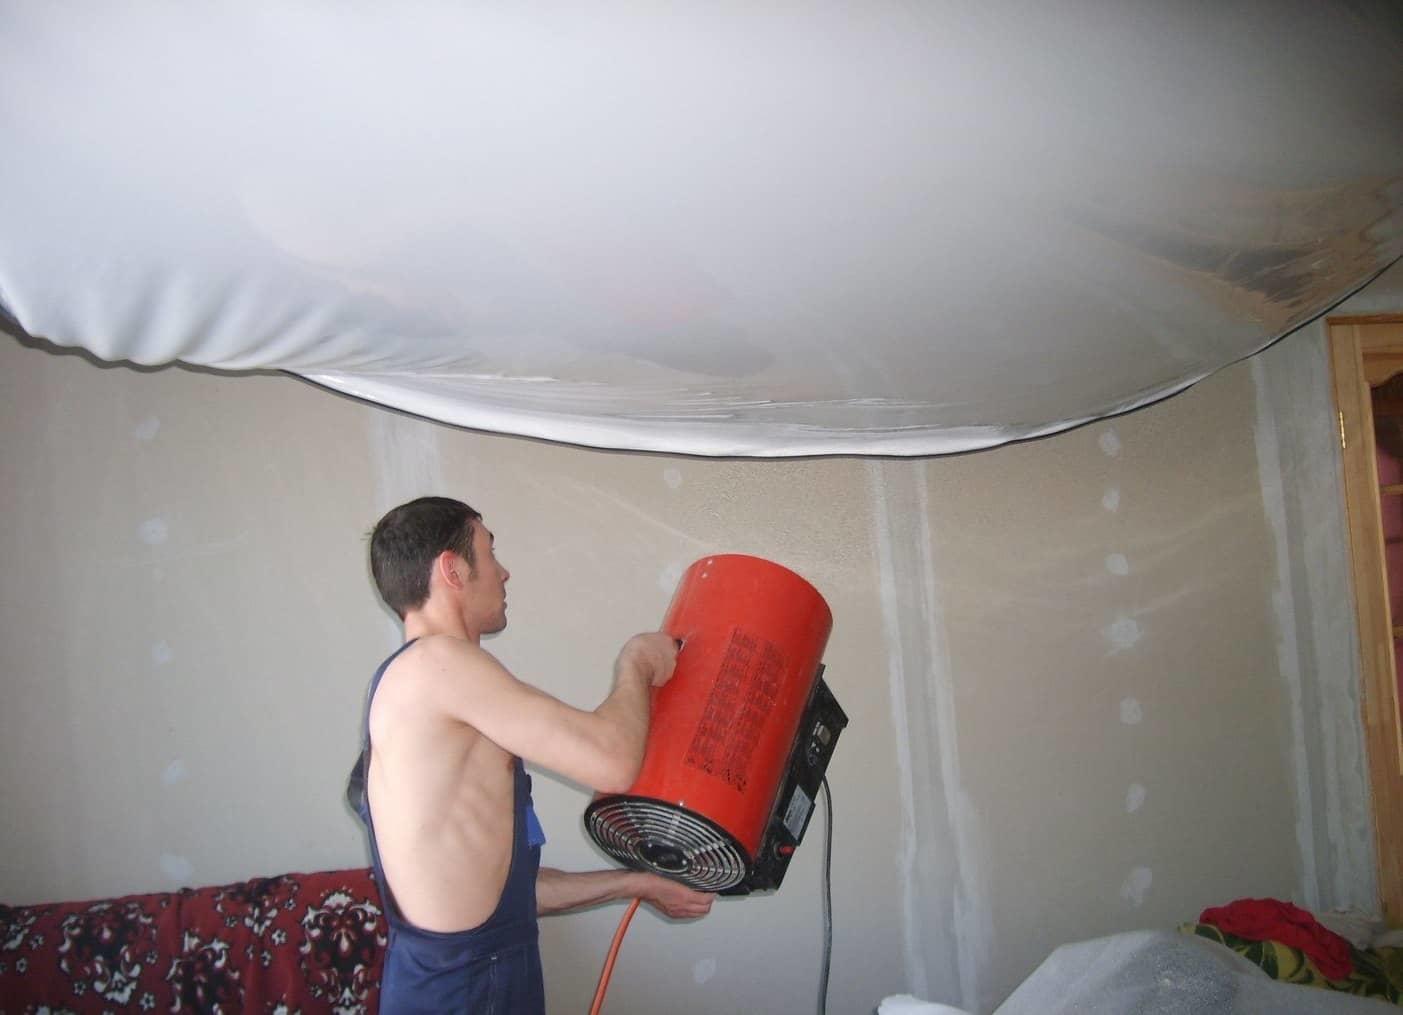 Если вы решили самостоятельно установить натяжной потолок, то вам следует закупить весь необходимый инструмент и материалы